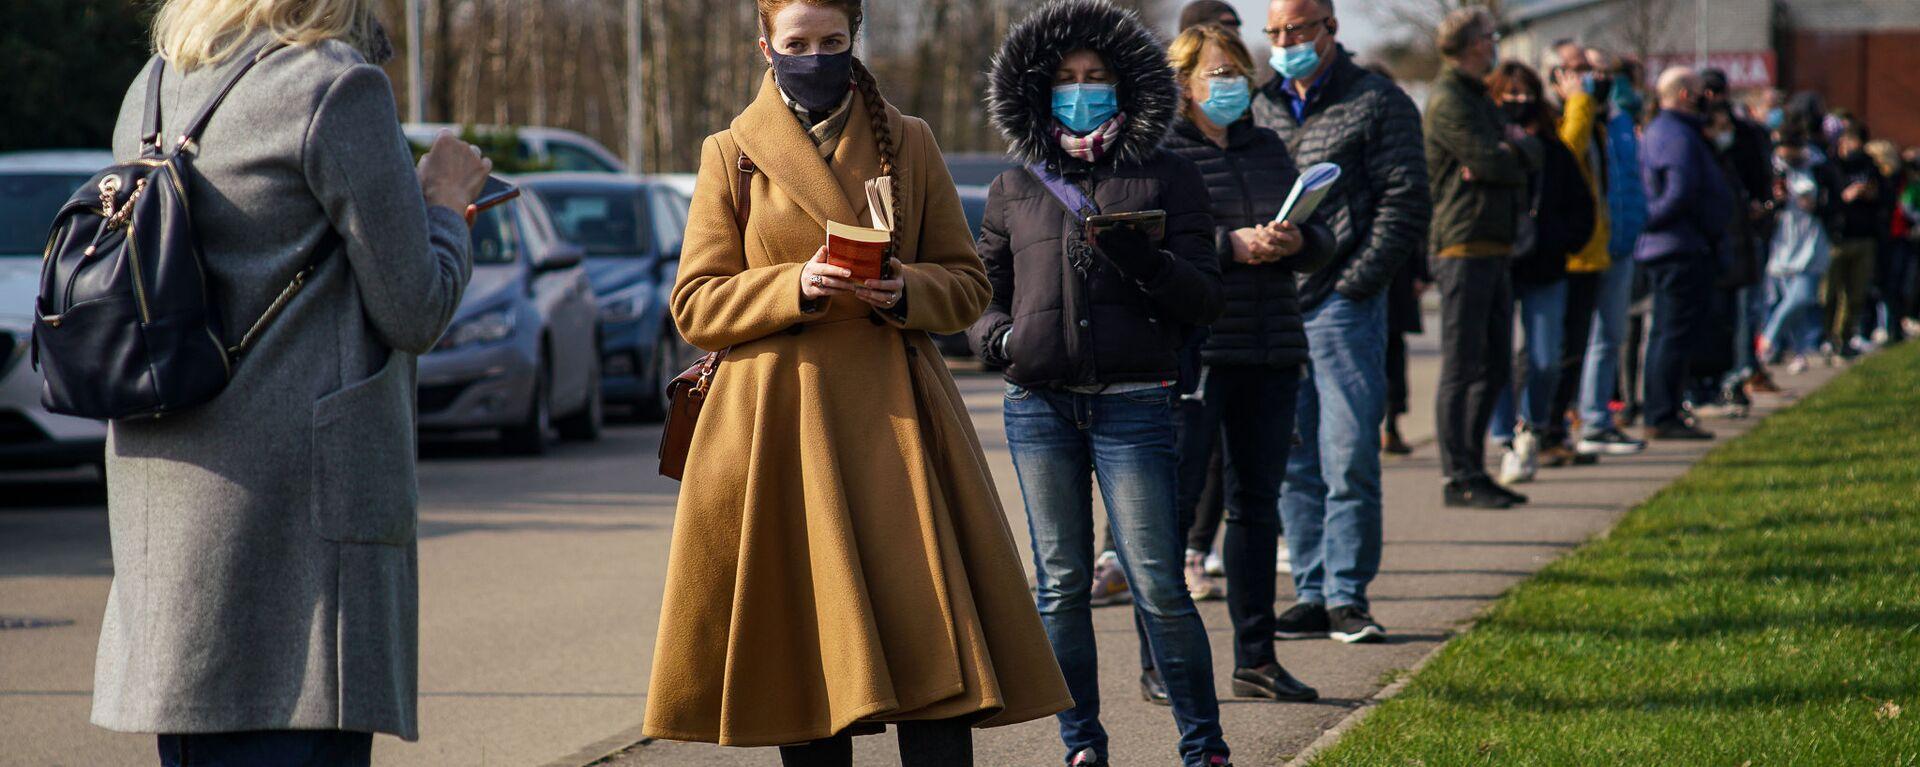 Люди стоят в очереди на прививку от COVID-19 в Риге - Sputnik Латвия, 1920, 07.06.2021